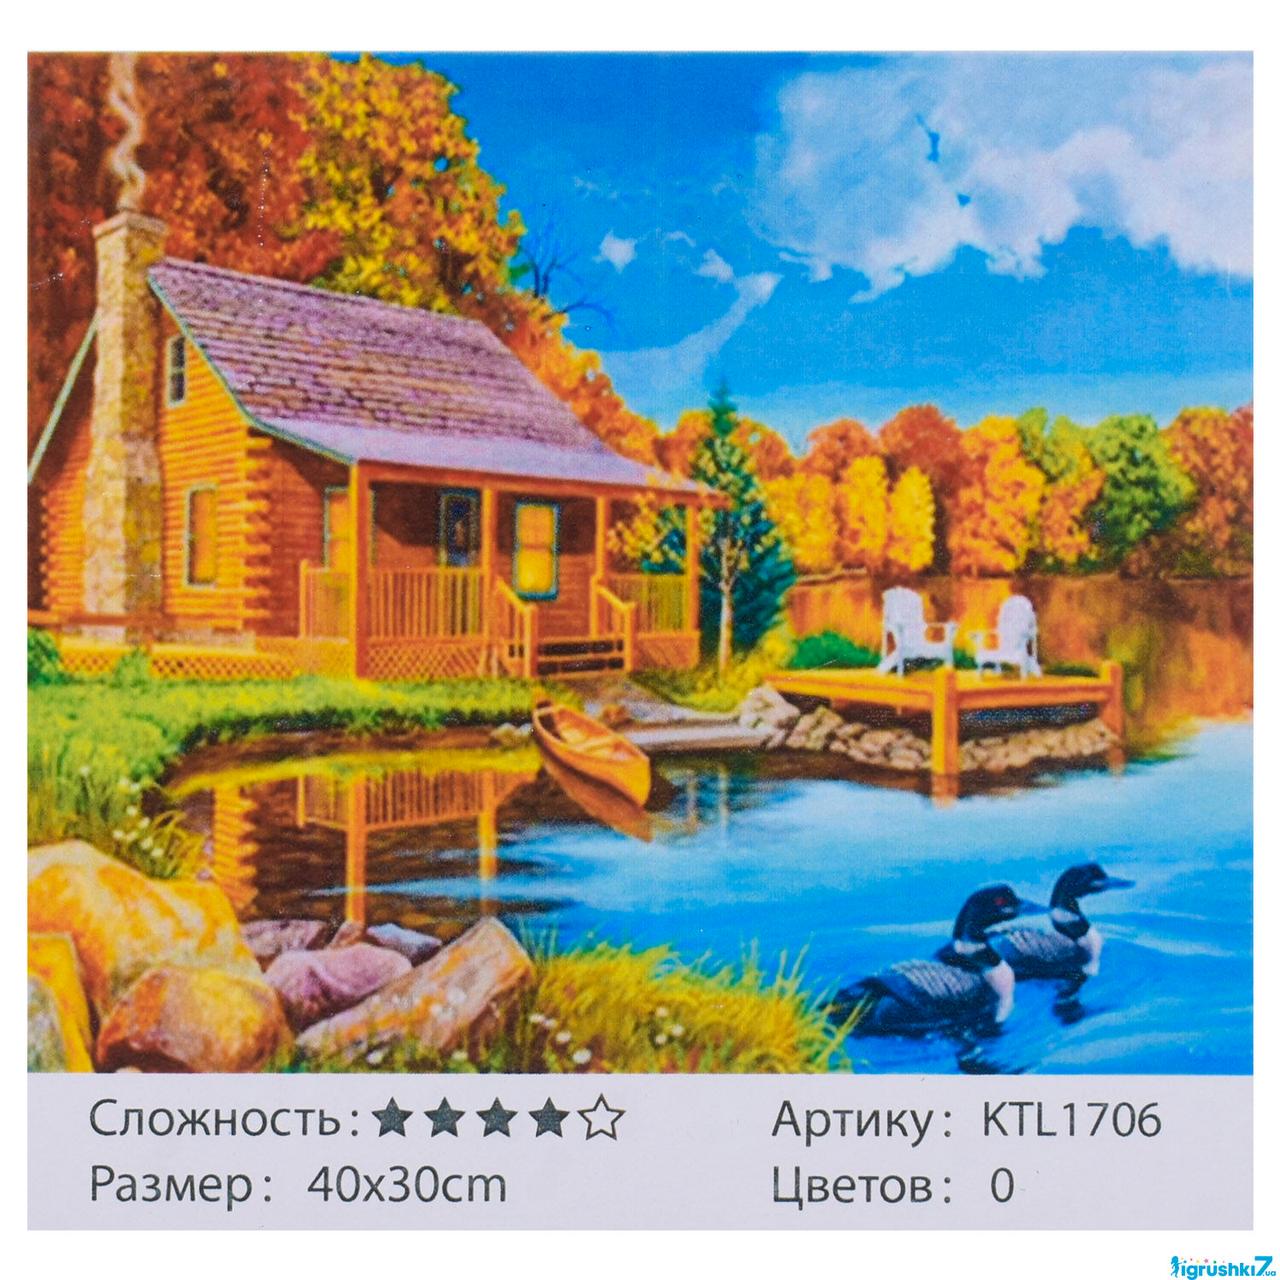 Картина по номерам KTL 1706 40х30см, в коробке. Раскраска пейзаж